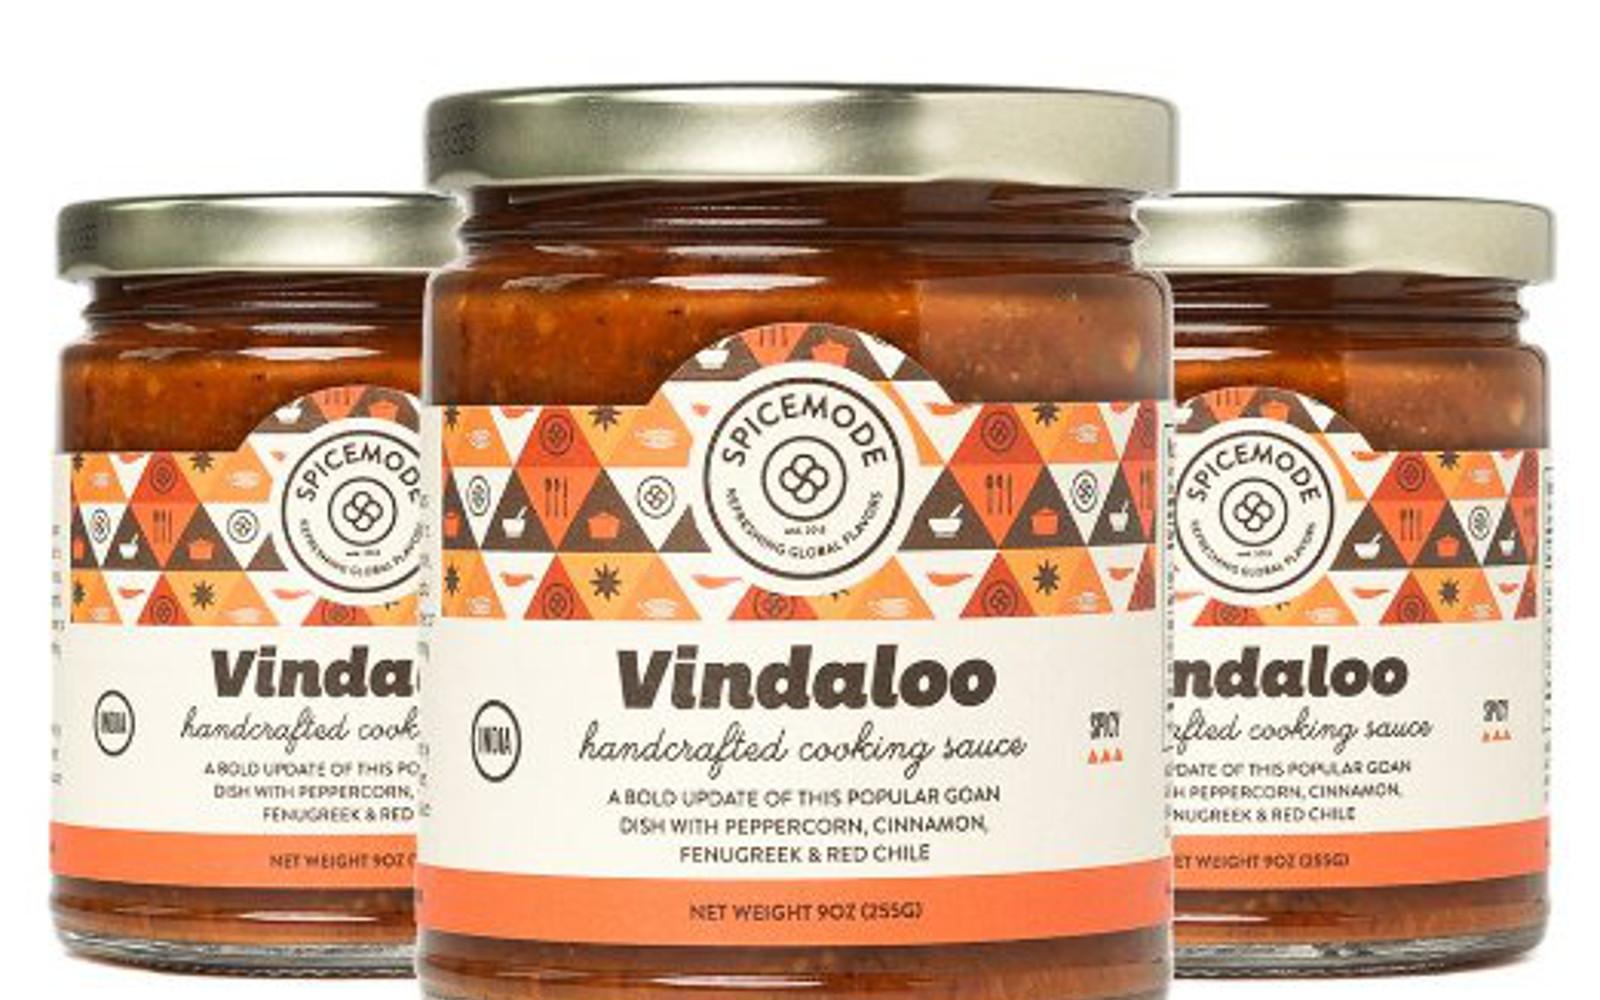 Spicemode Vindaloo Cooking Sauce